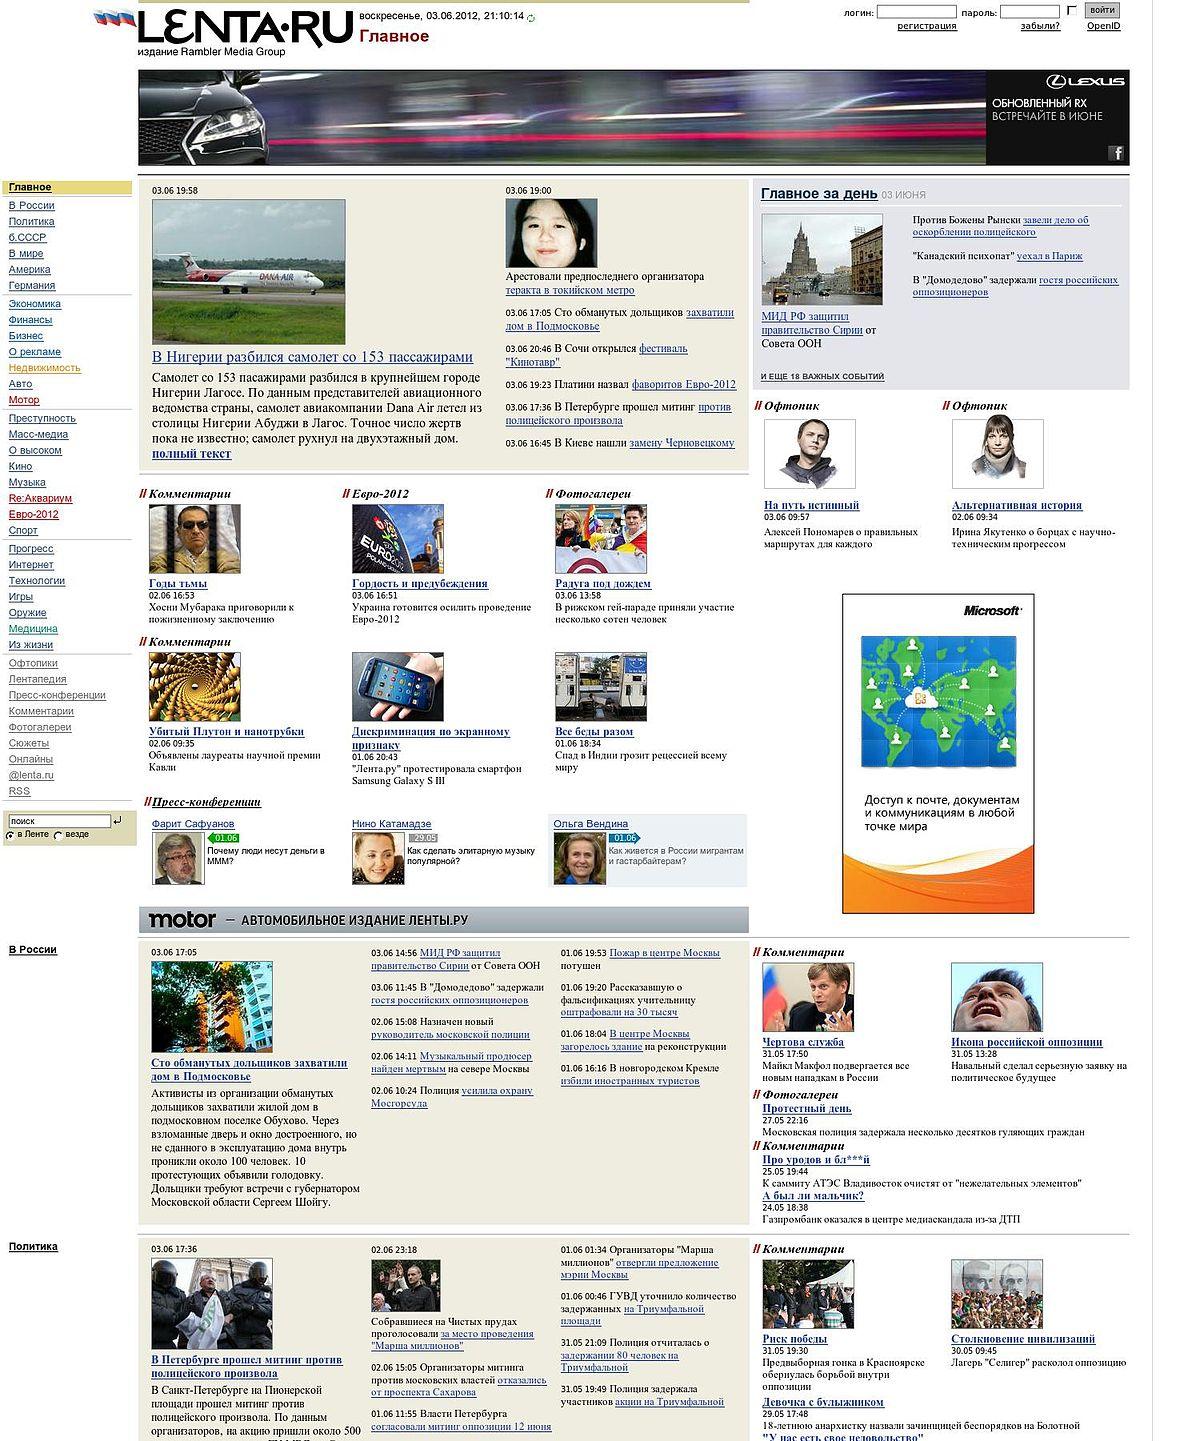 Контекстная реклама что это такое википедия 15 джон р росситер лари перси реклама продвижение товаров текст